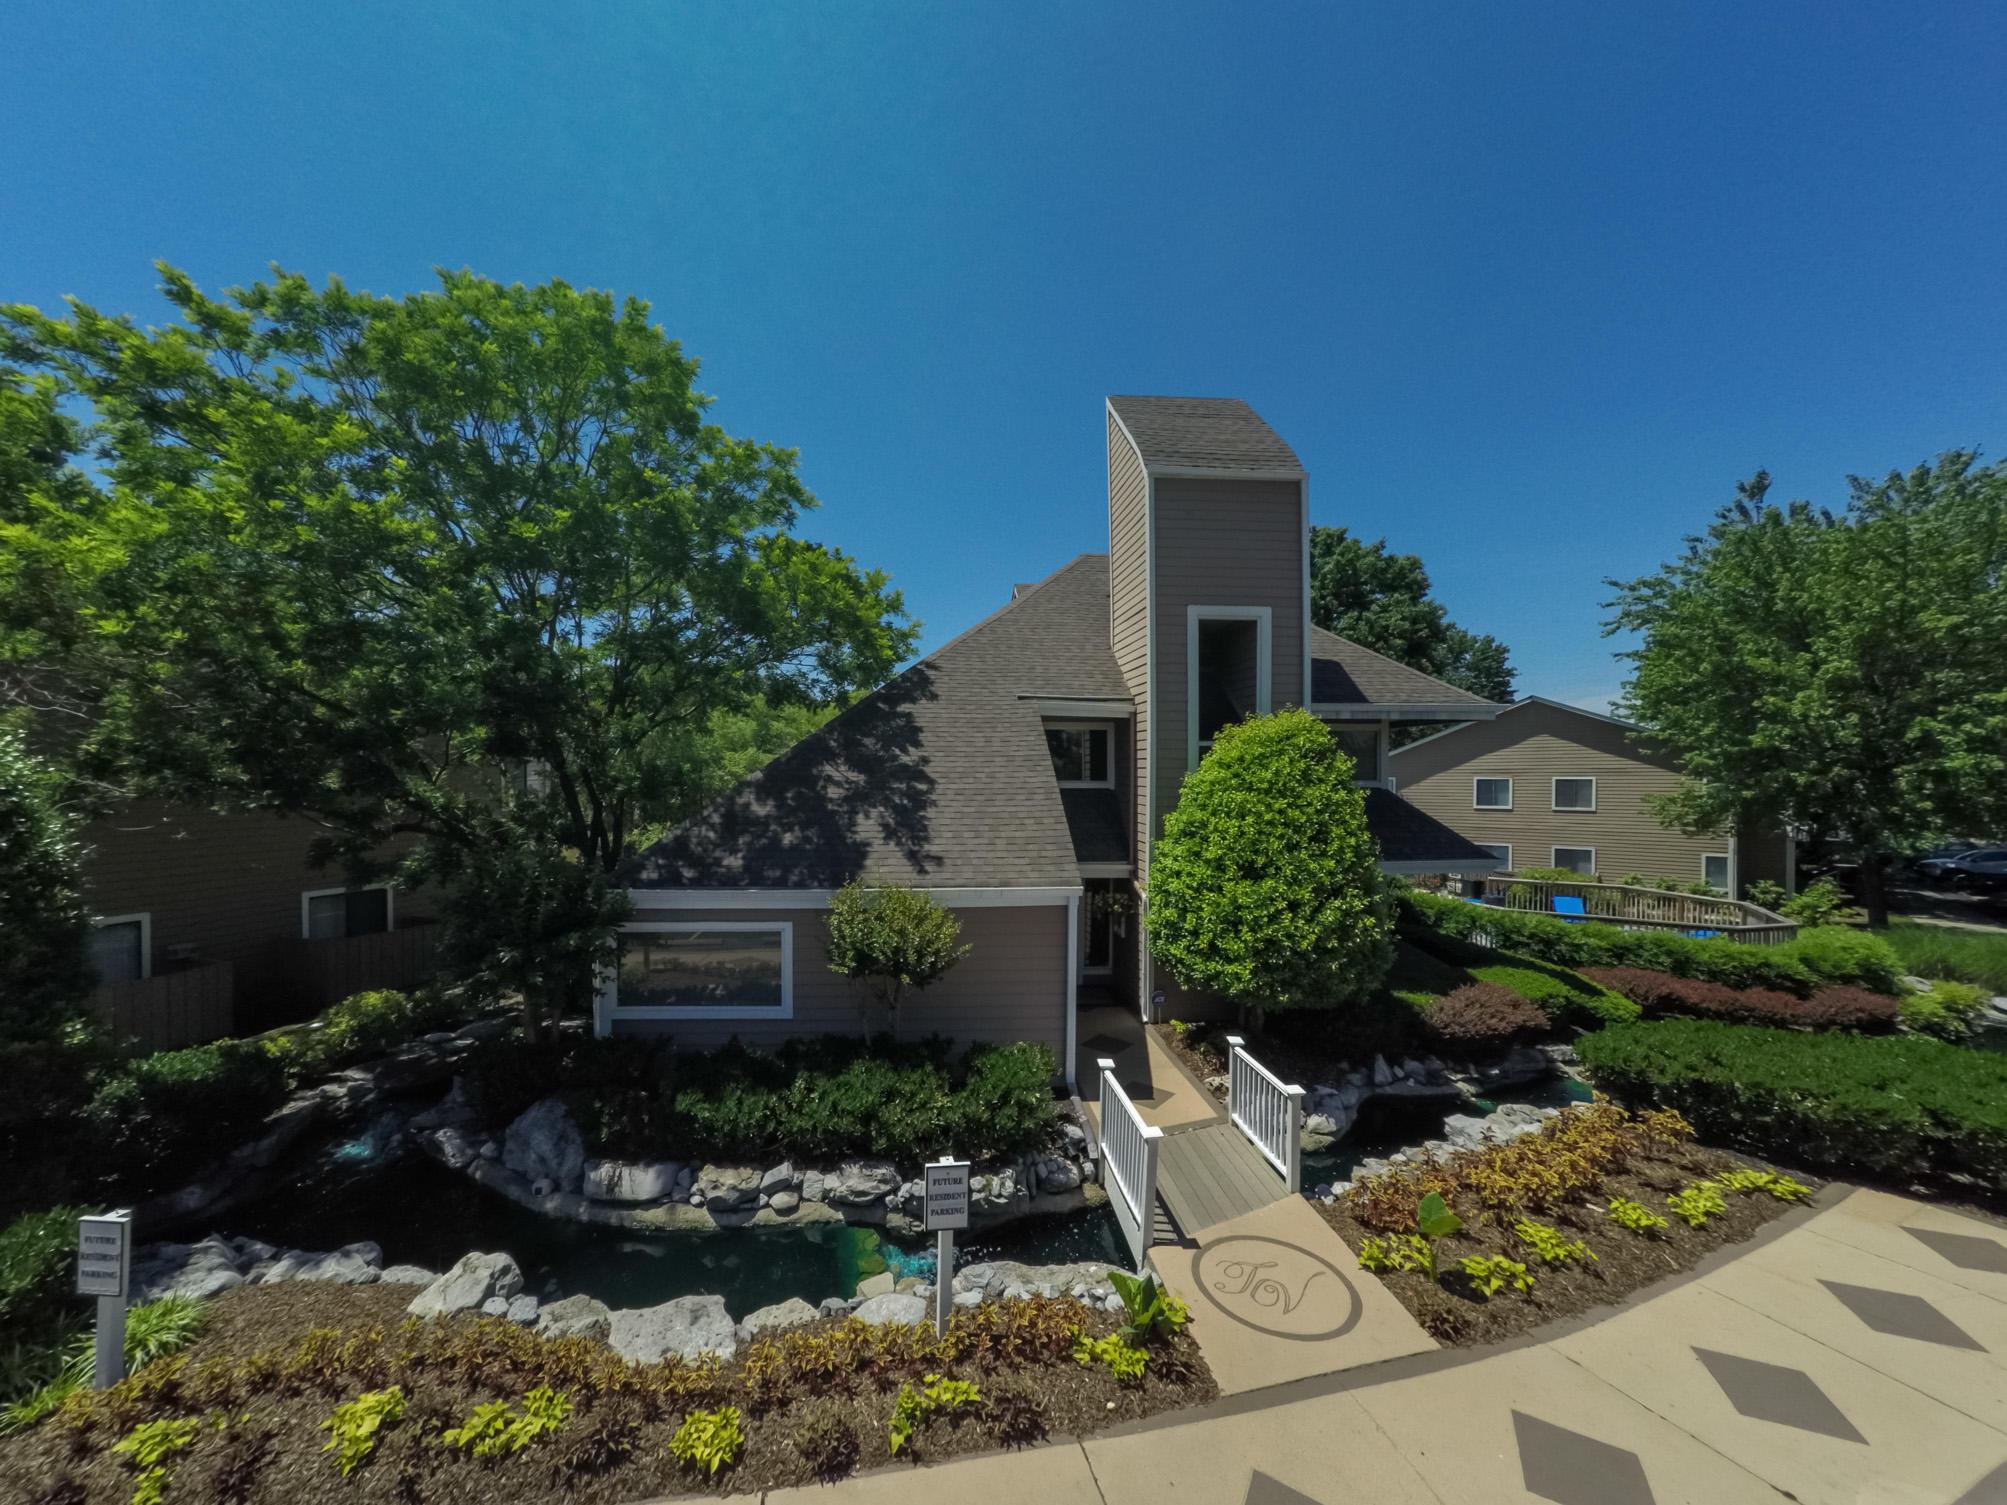 Timberlake Village Apartments image 7